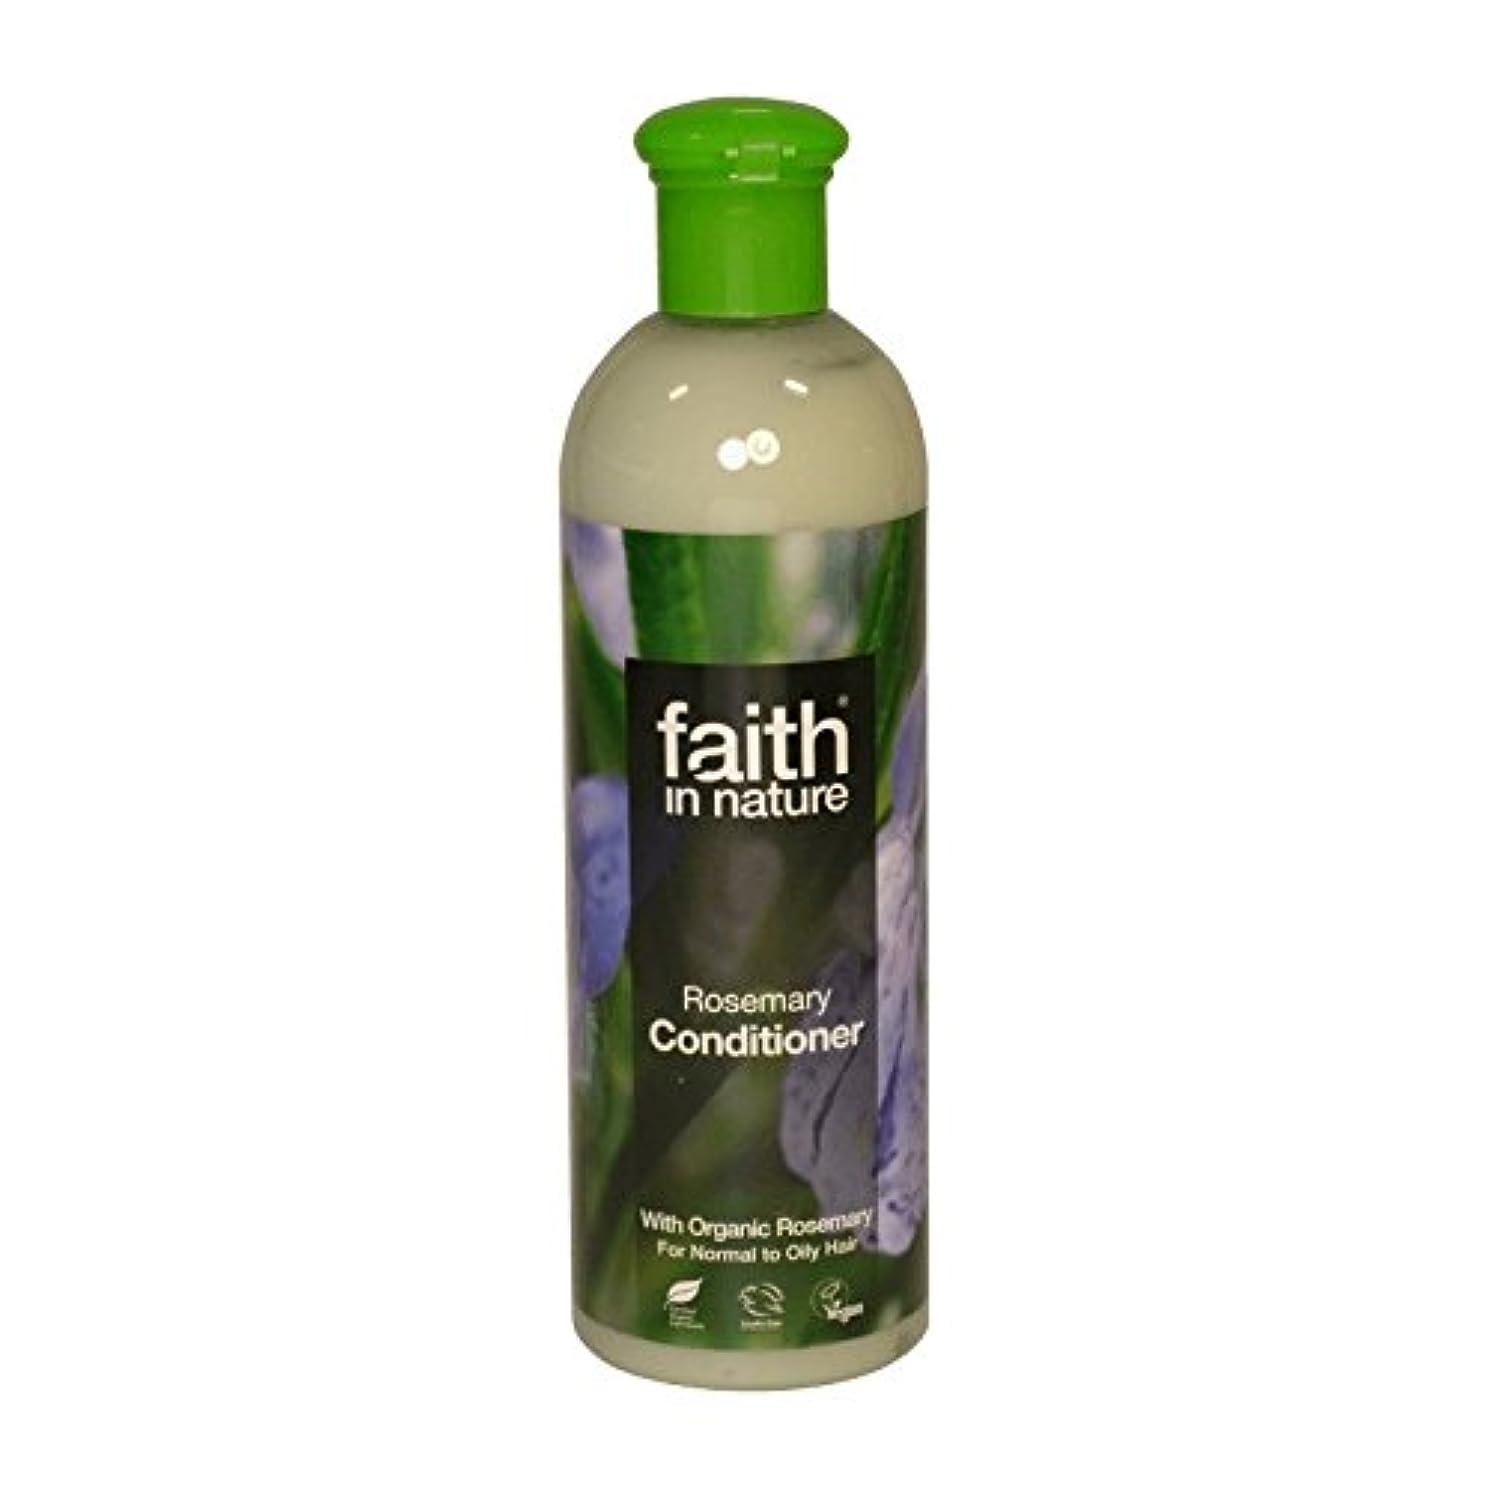 付添人しかしながら相続人Faith in Nature Rosemary Conditioner 400ml (Pack of 6) - 自然ローズマリーコンディショナー400ミリリットルの信仰 (x6) [並行輸入品]